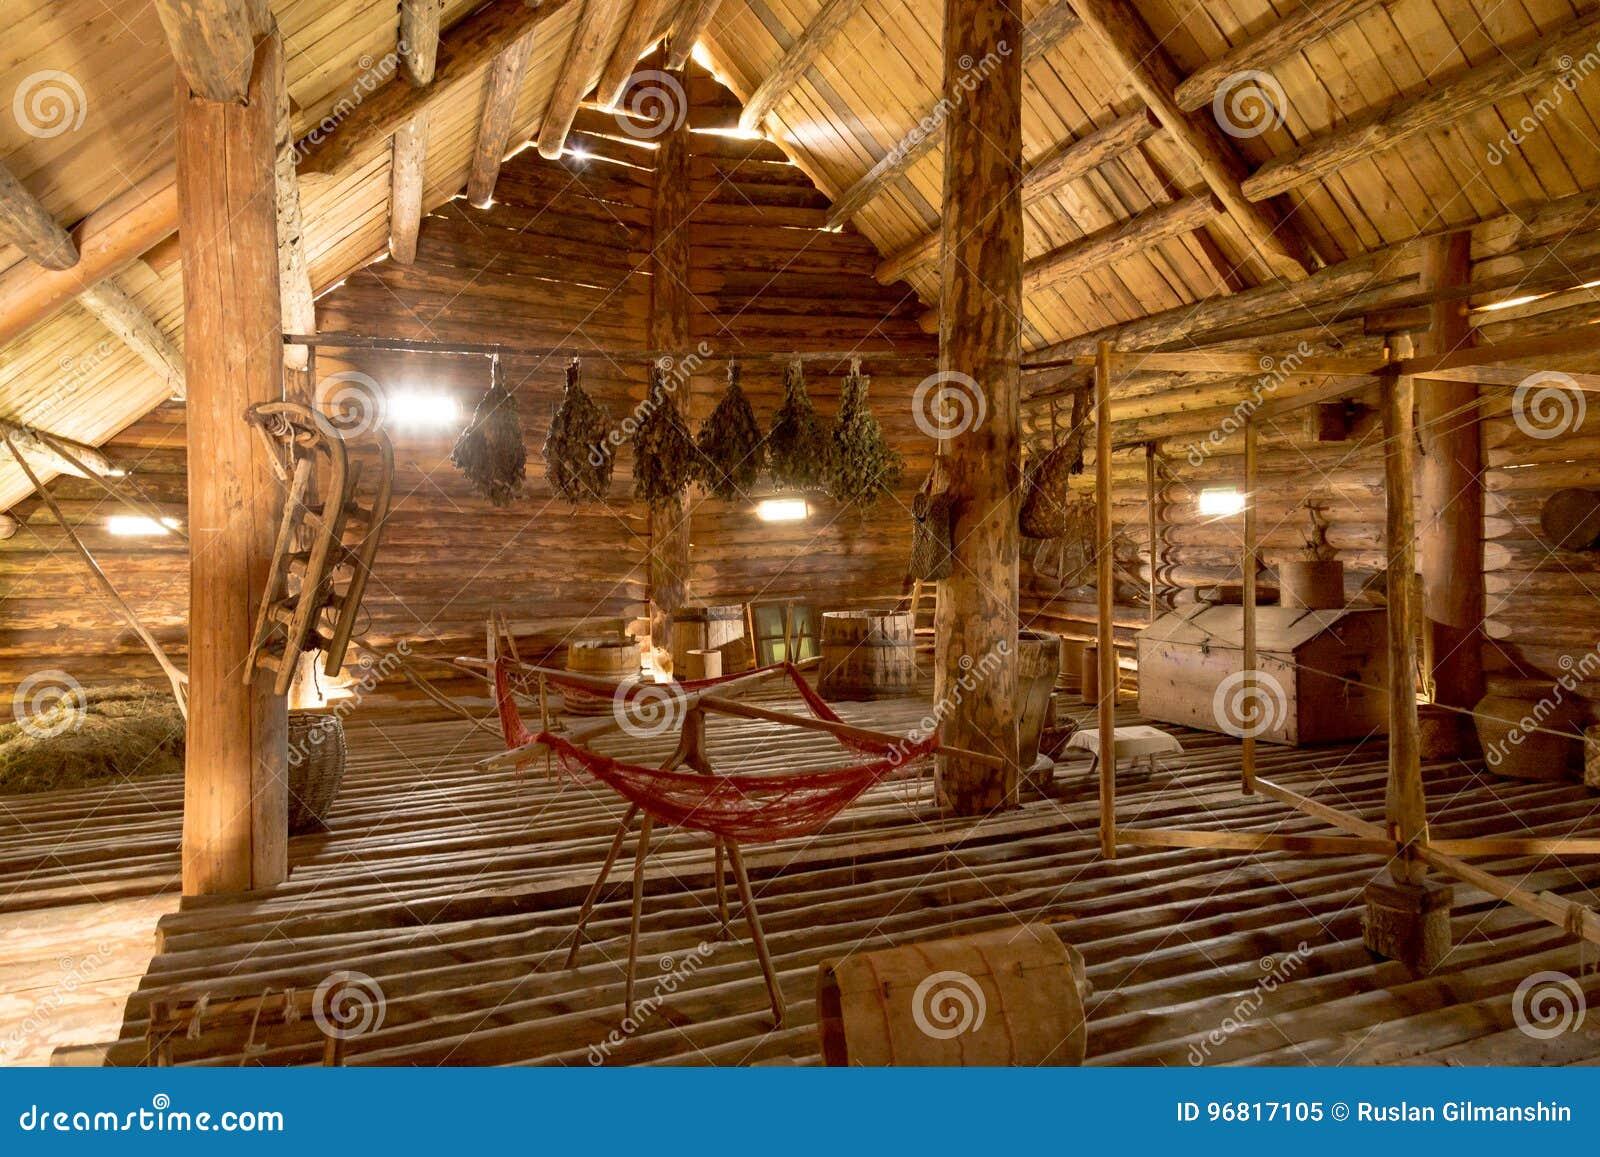 Interni Di Una Casa Di Campagna : Vecchio interno della fattoria di periodi di vecchia casa di